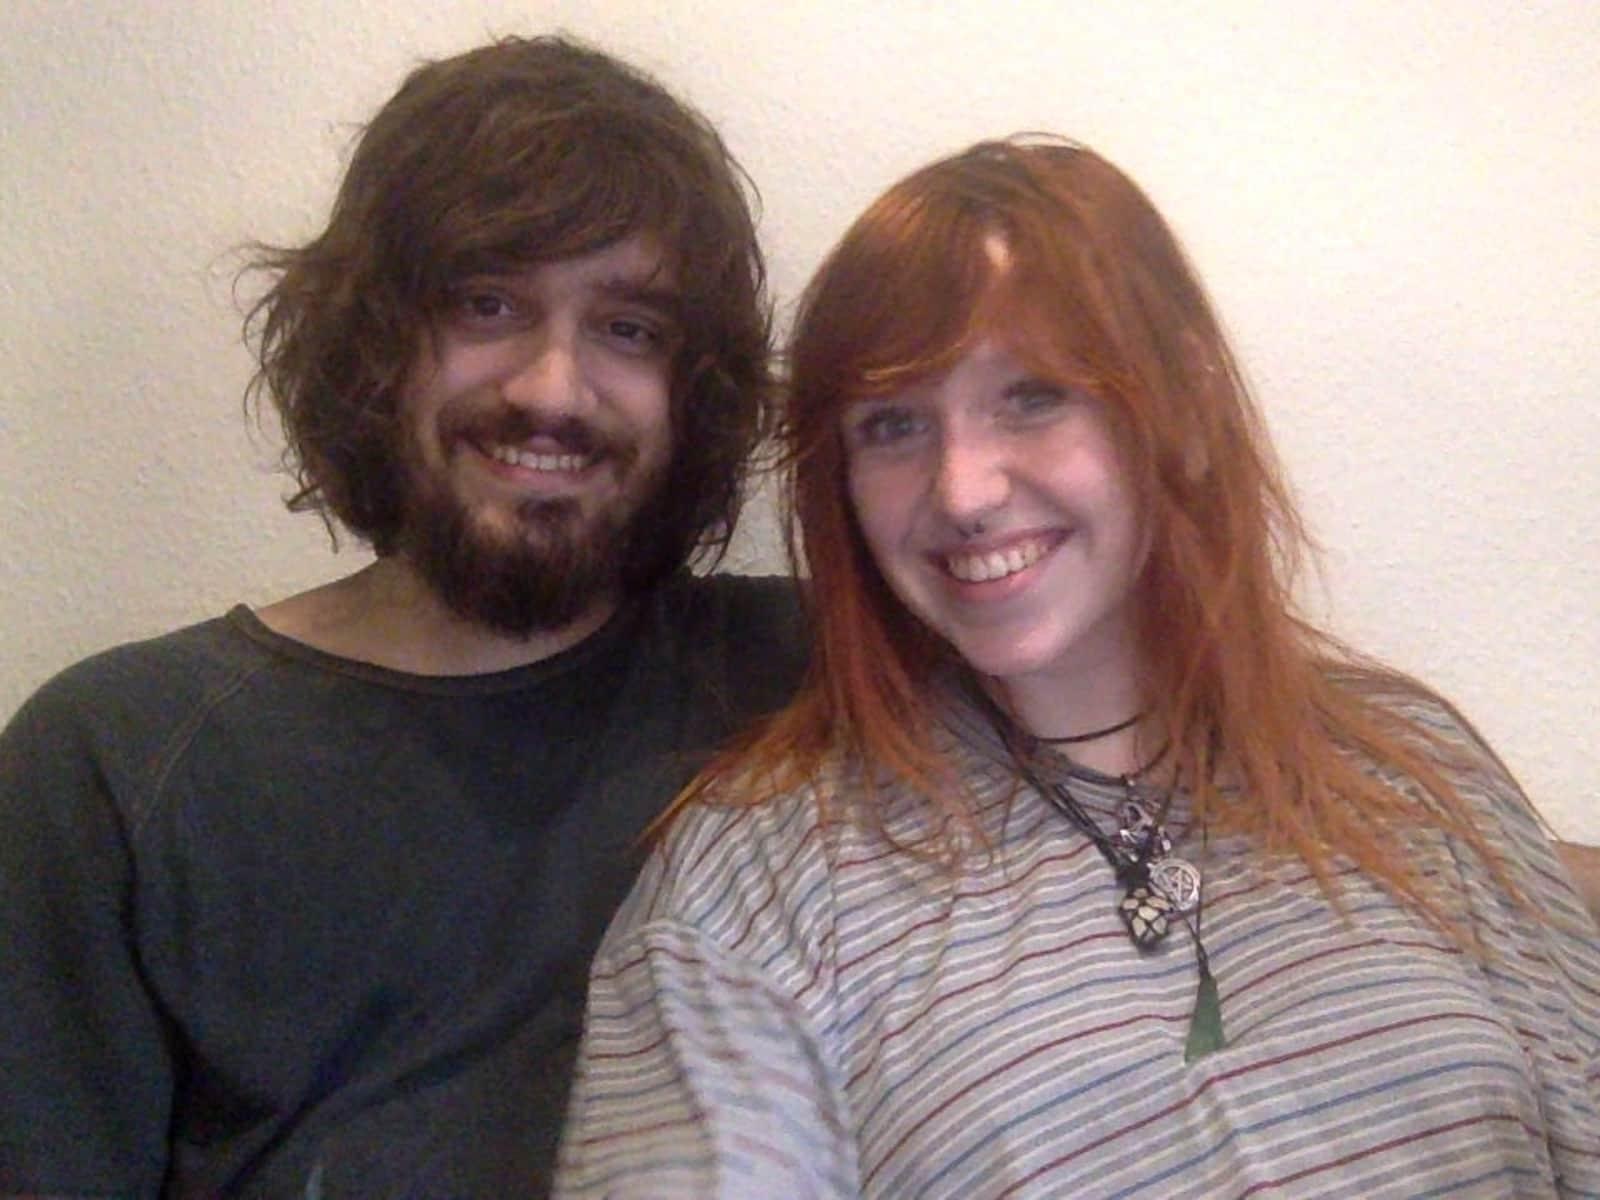 Joris & Jennifer from Utrecht, Netherlands